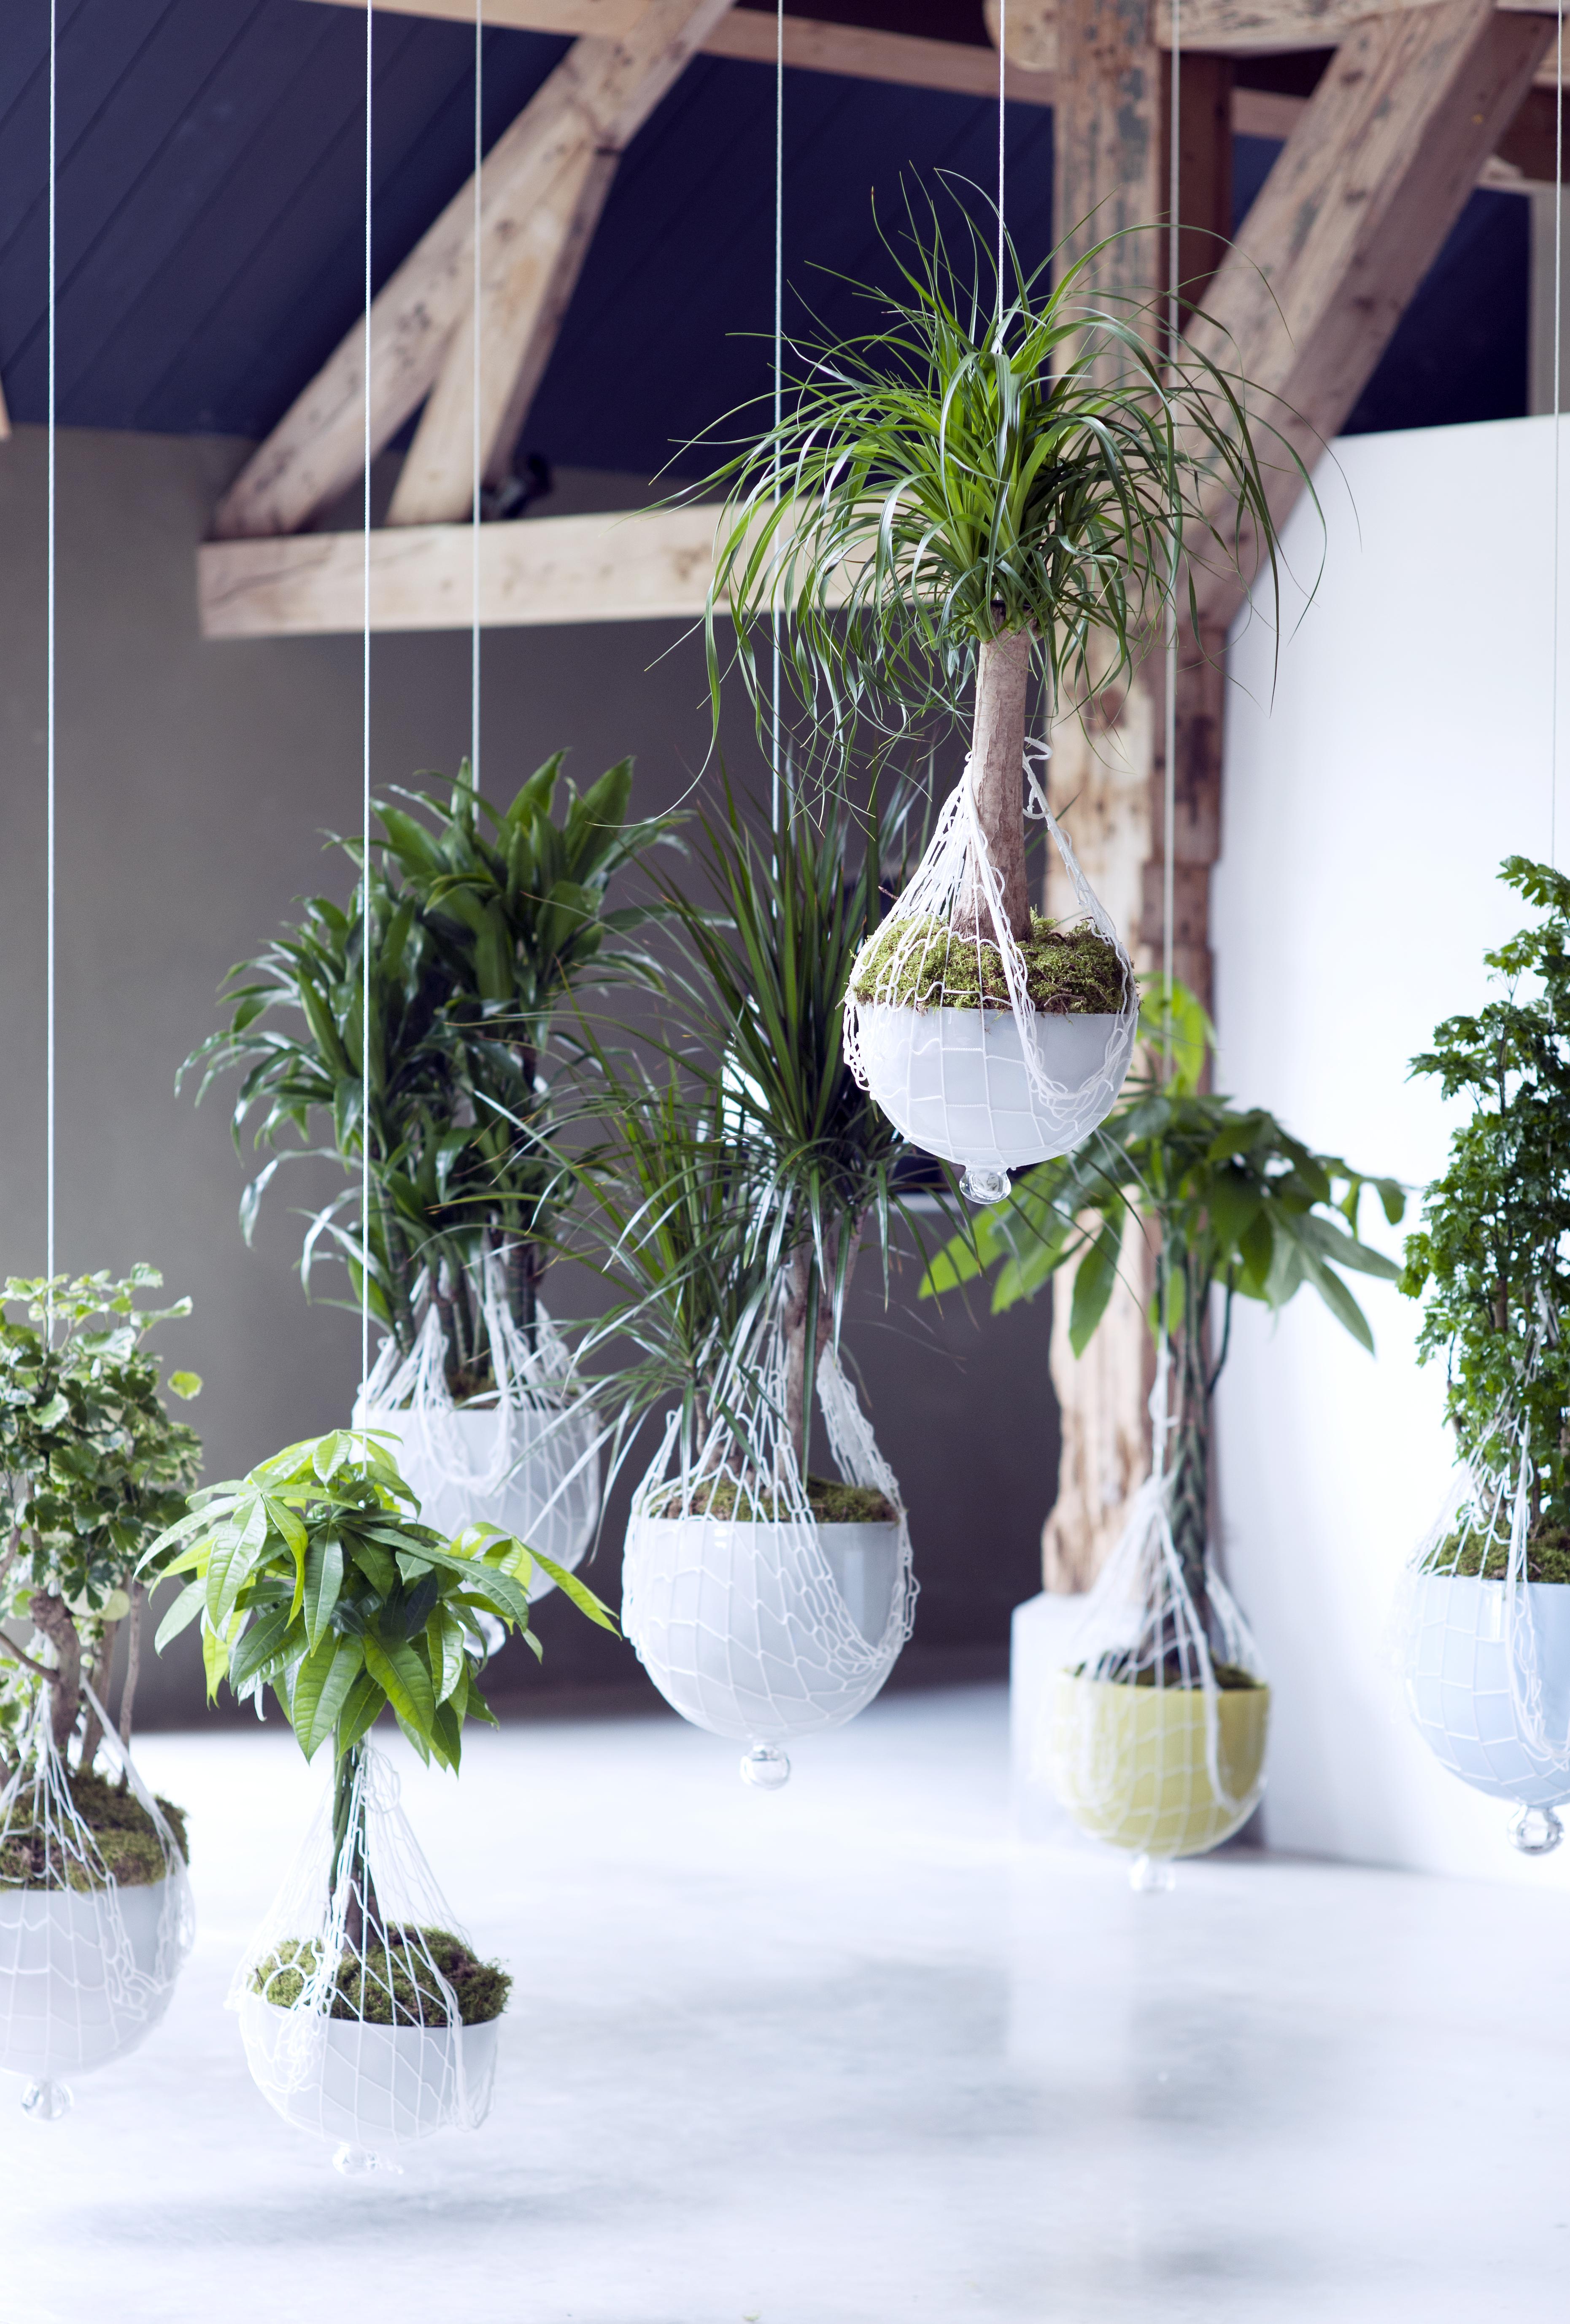 Schattige Zimmerpflanzen zimmerbäume sind zimmerpflanzen des monats januar drachenbaum